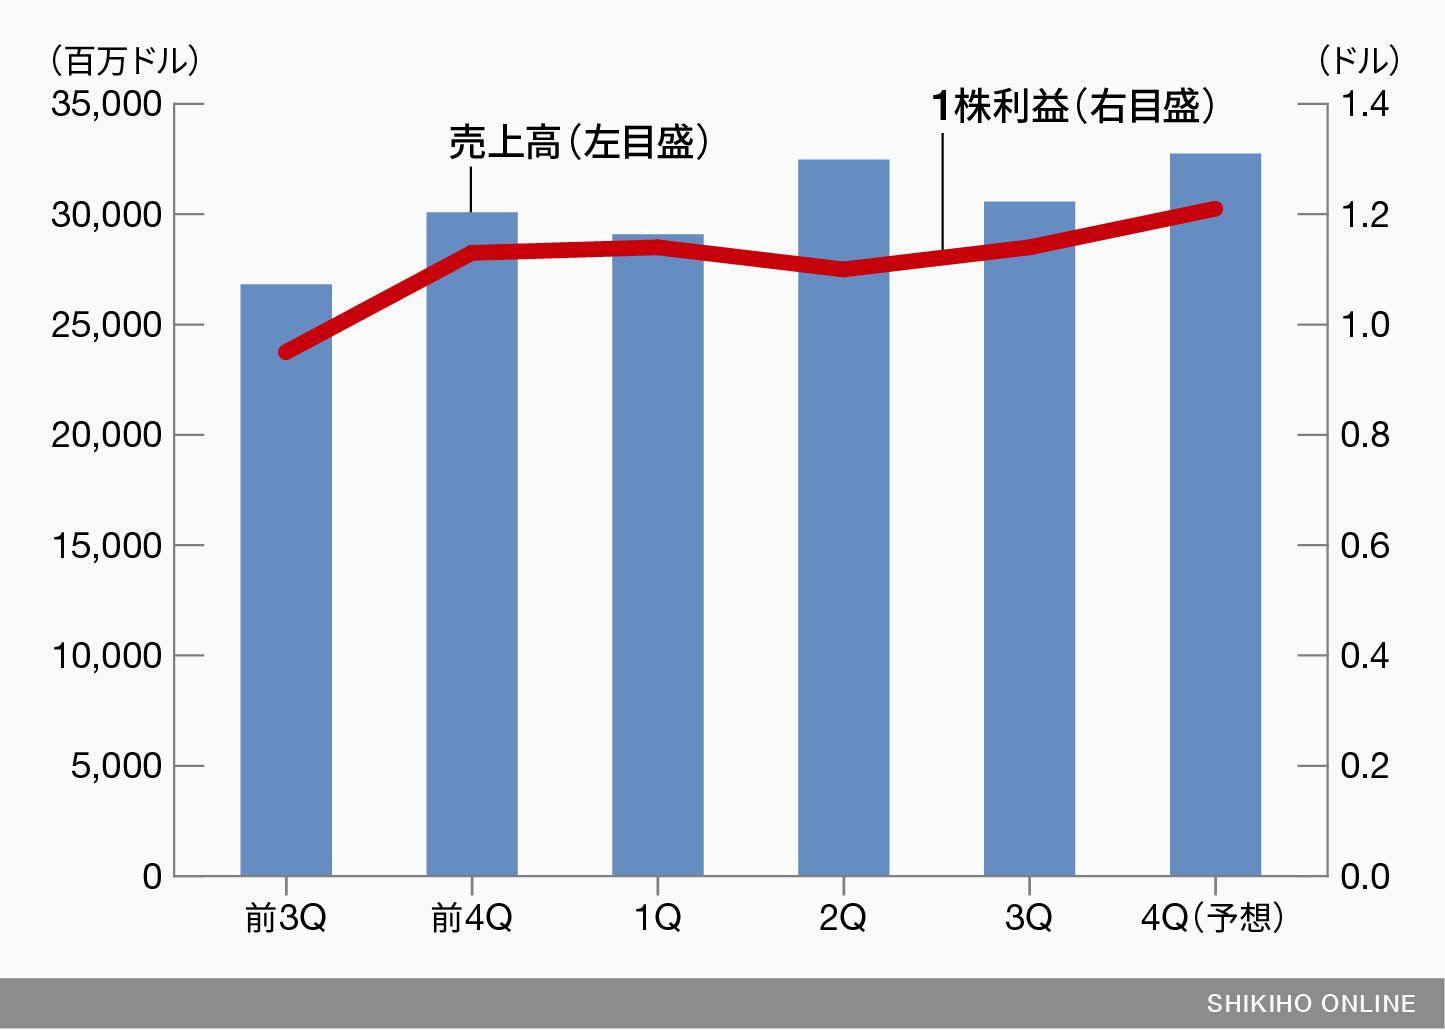 株価 推移 マイクロソフト